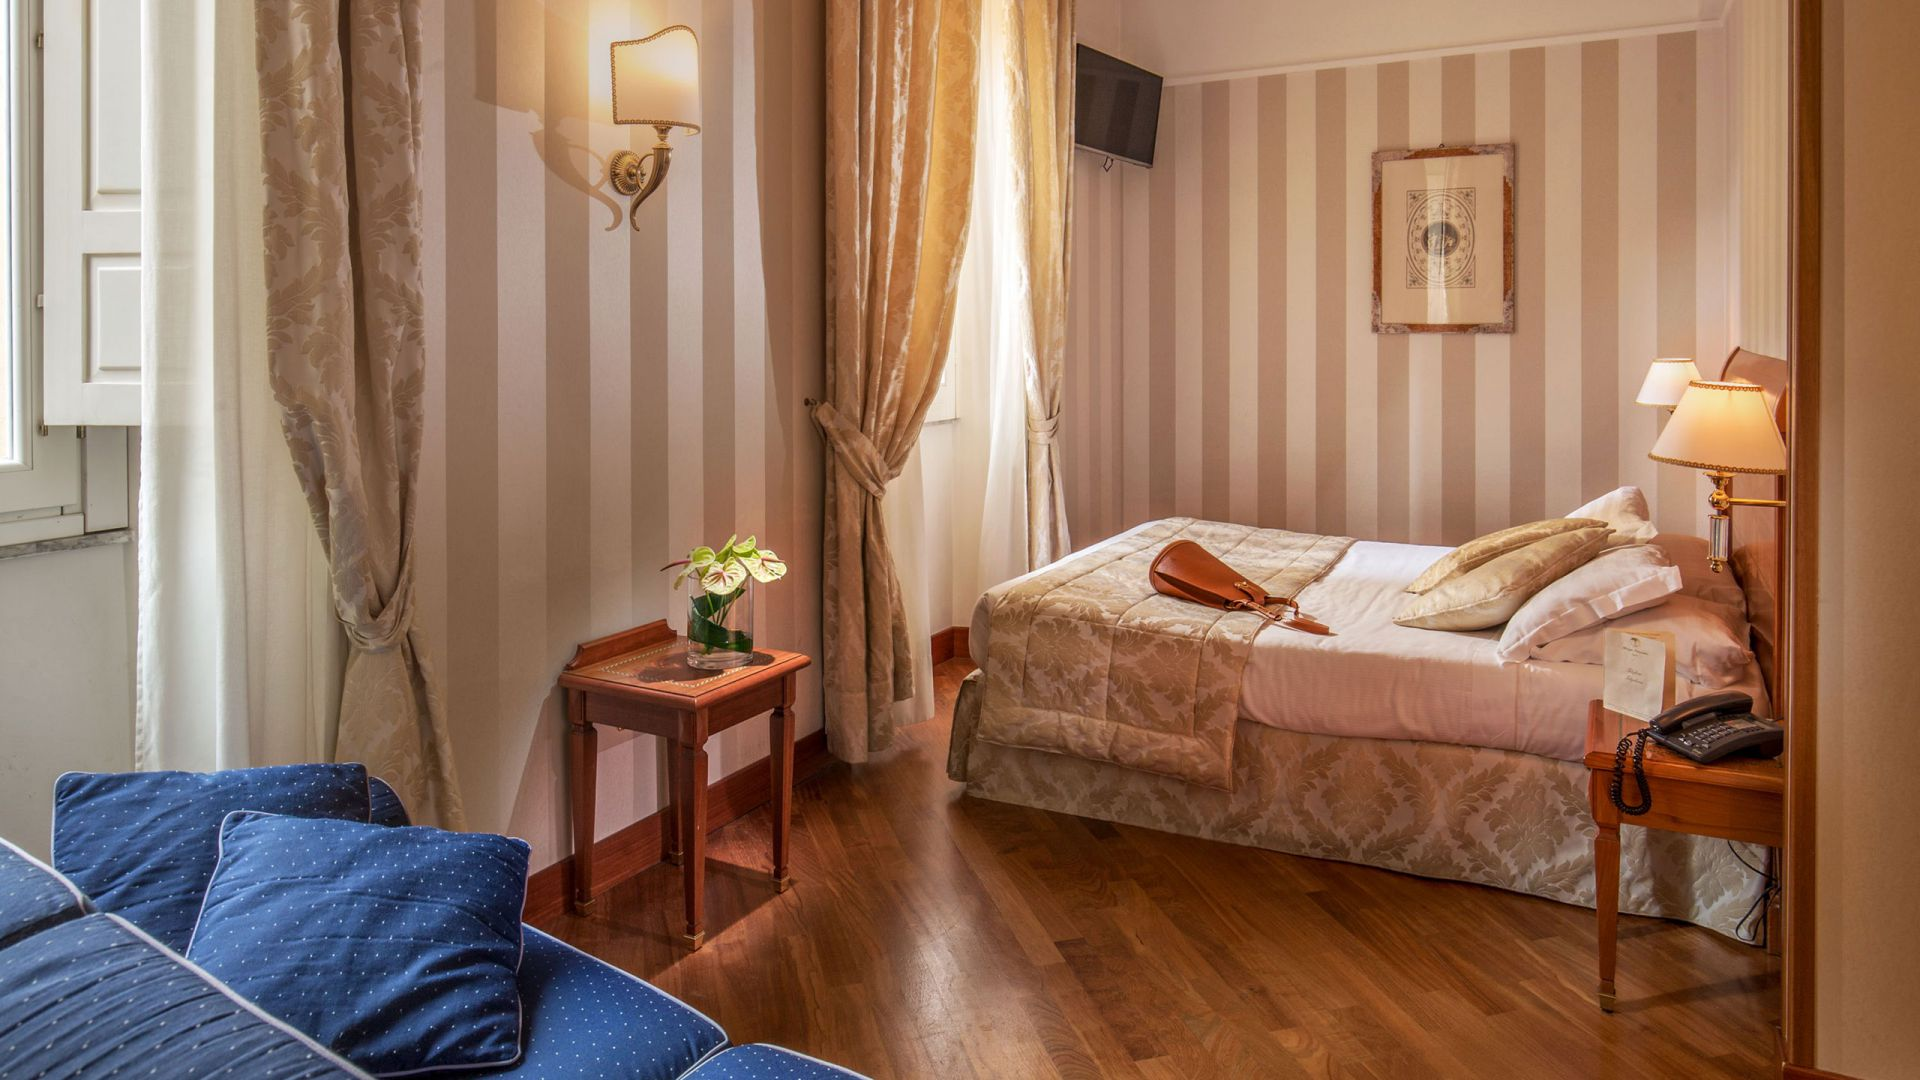 albergo-ottocento-rome-triple-room-deluxe-10